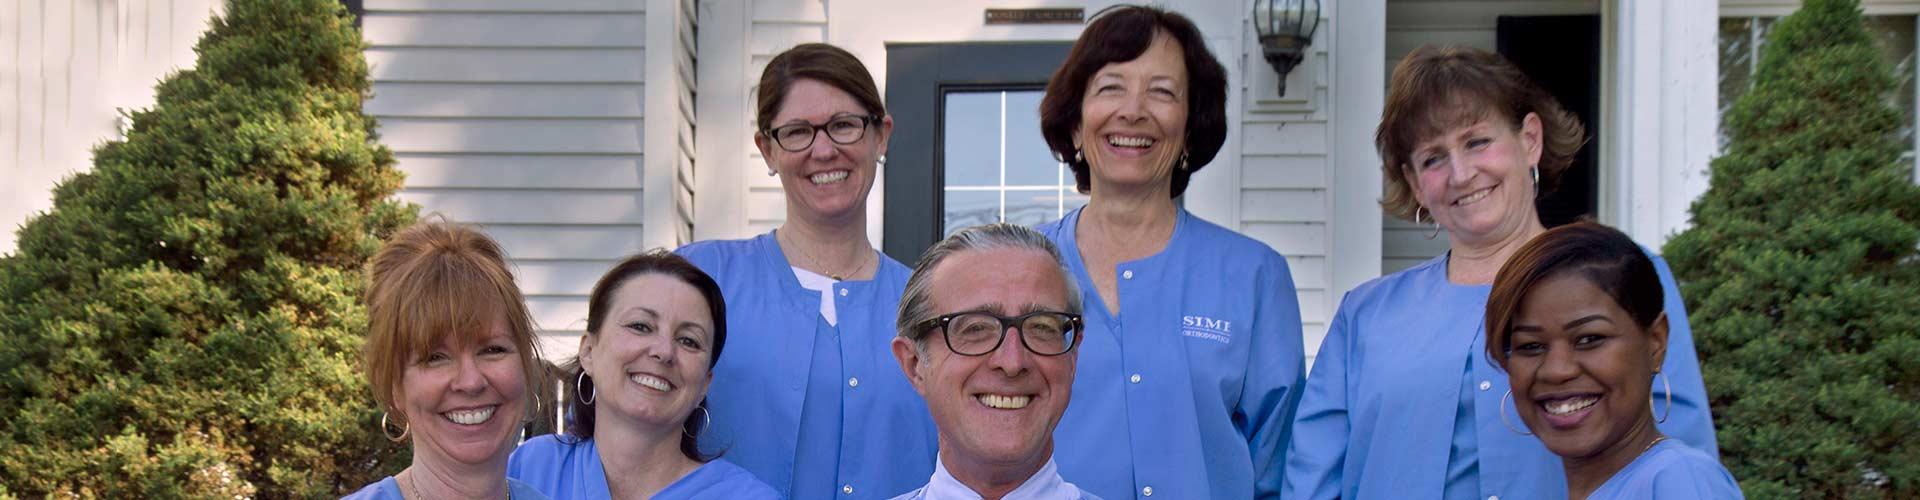 Meet the team Simi Orthodontics Norwood MA